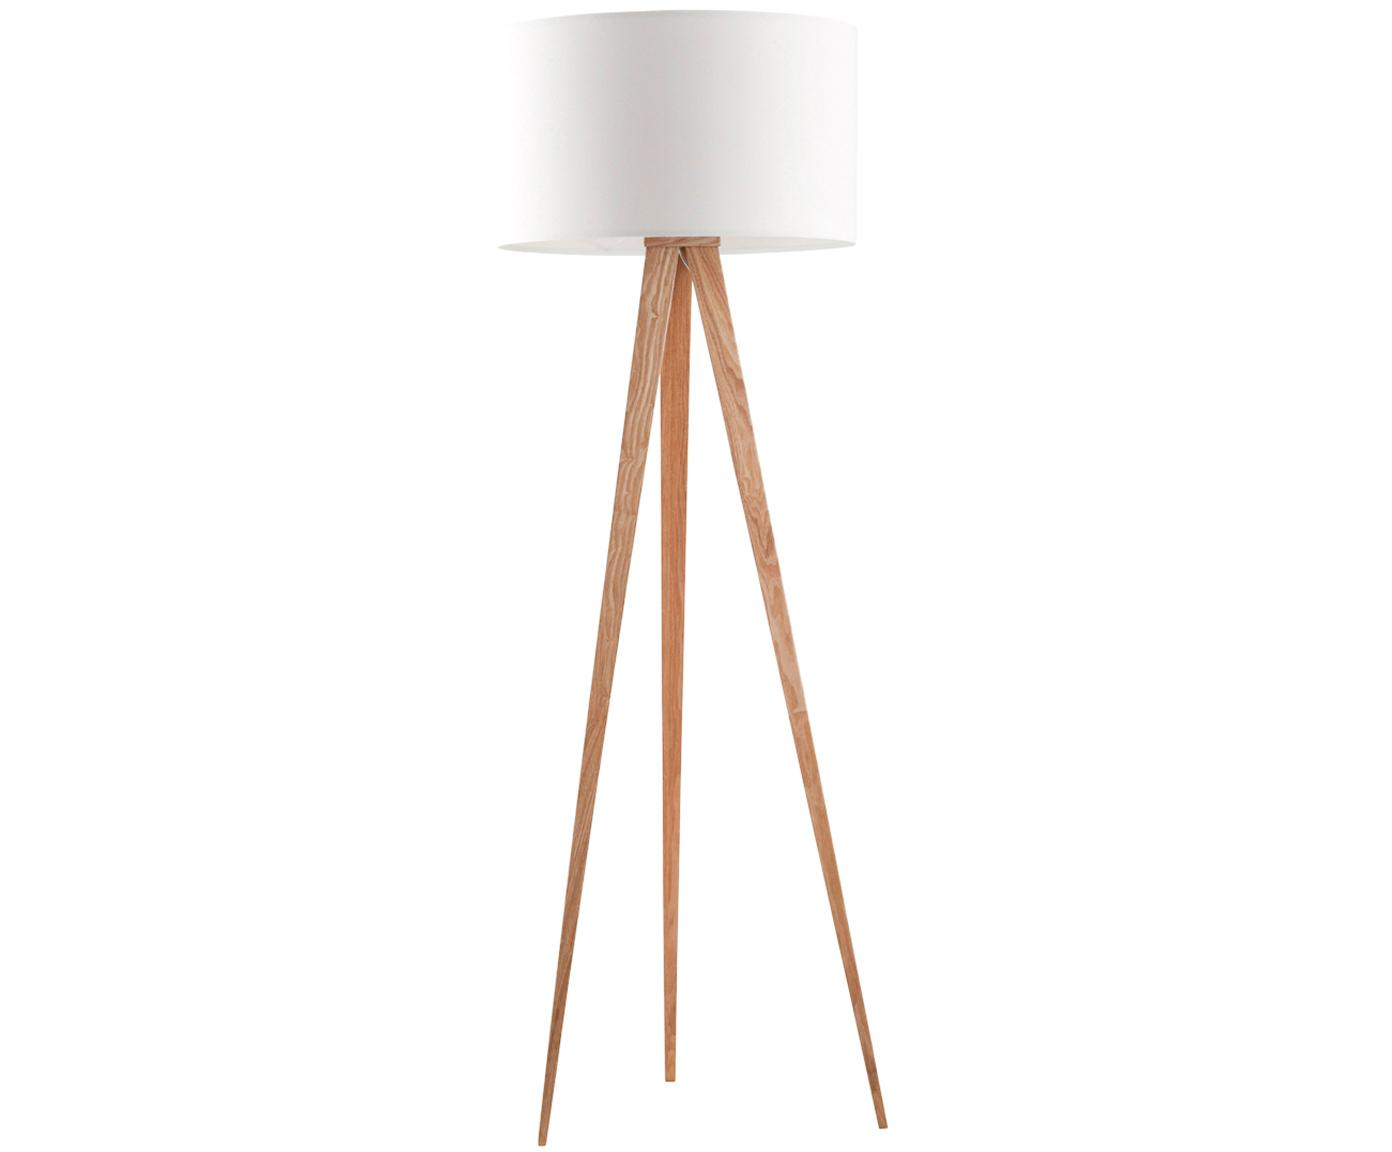 Lampada da terra Tripod, Base della lampada: metallo con impiallacciat, Paralume: poliestere, Bianco, impiallacciatura in quercia, Ø 50 x A 157 cm